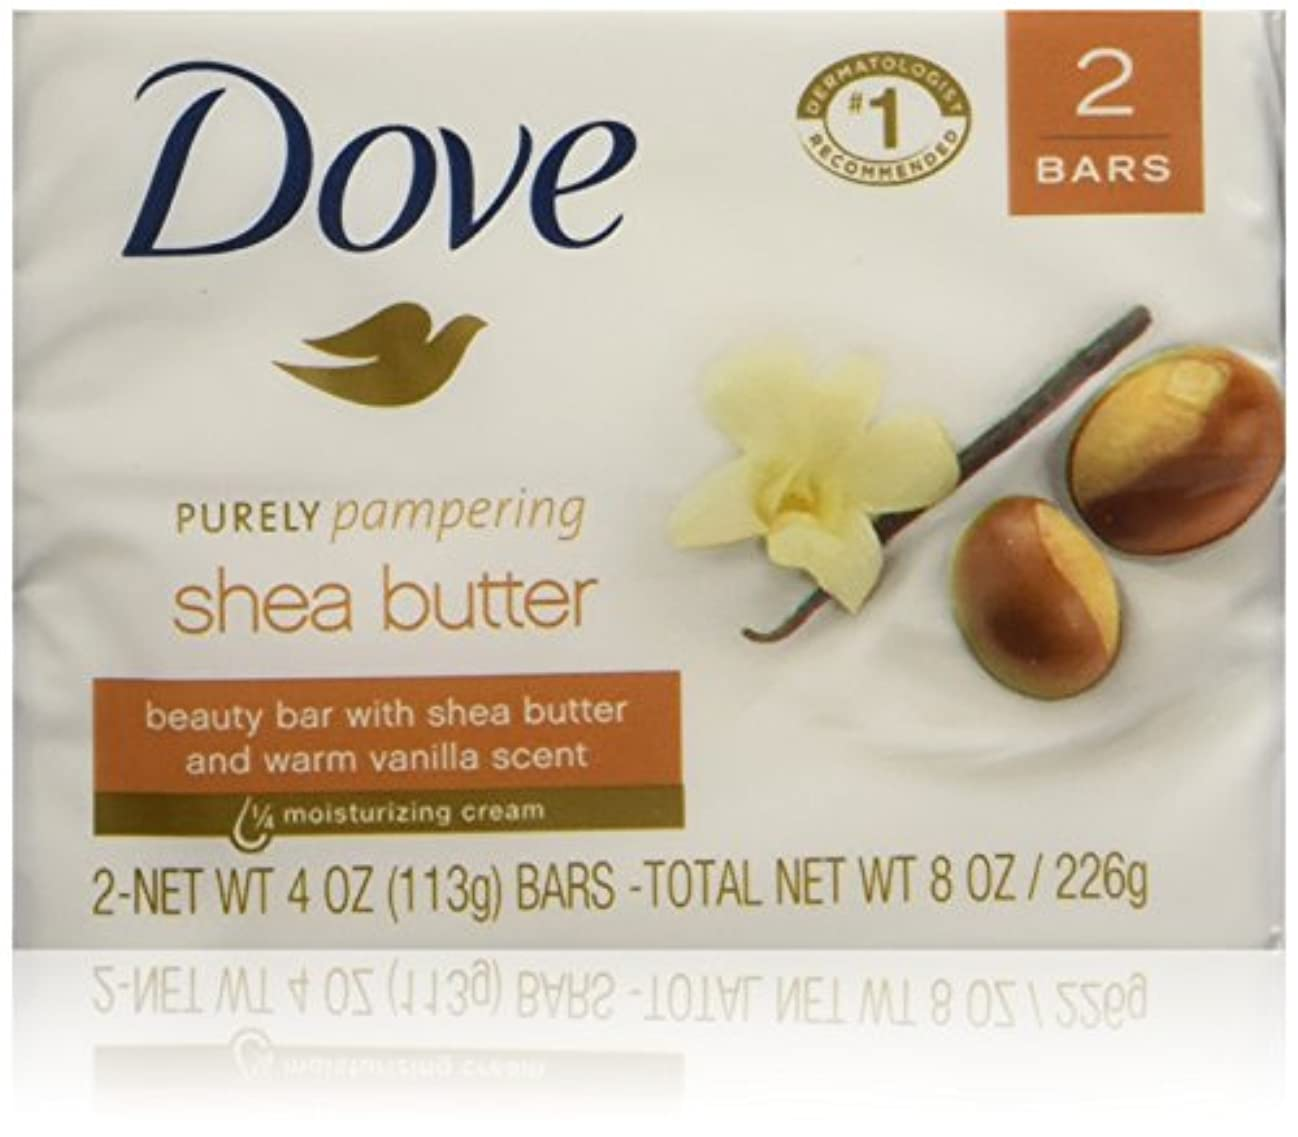 曲アスレチック経験者Dove Nourishing Care Shea Butter Moisturizing Cream Beauty Bar 2-Count 120 g Soap by Dove